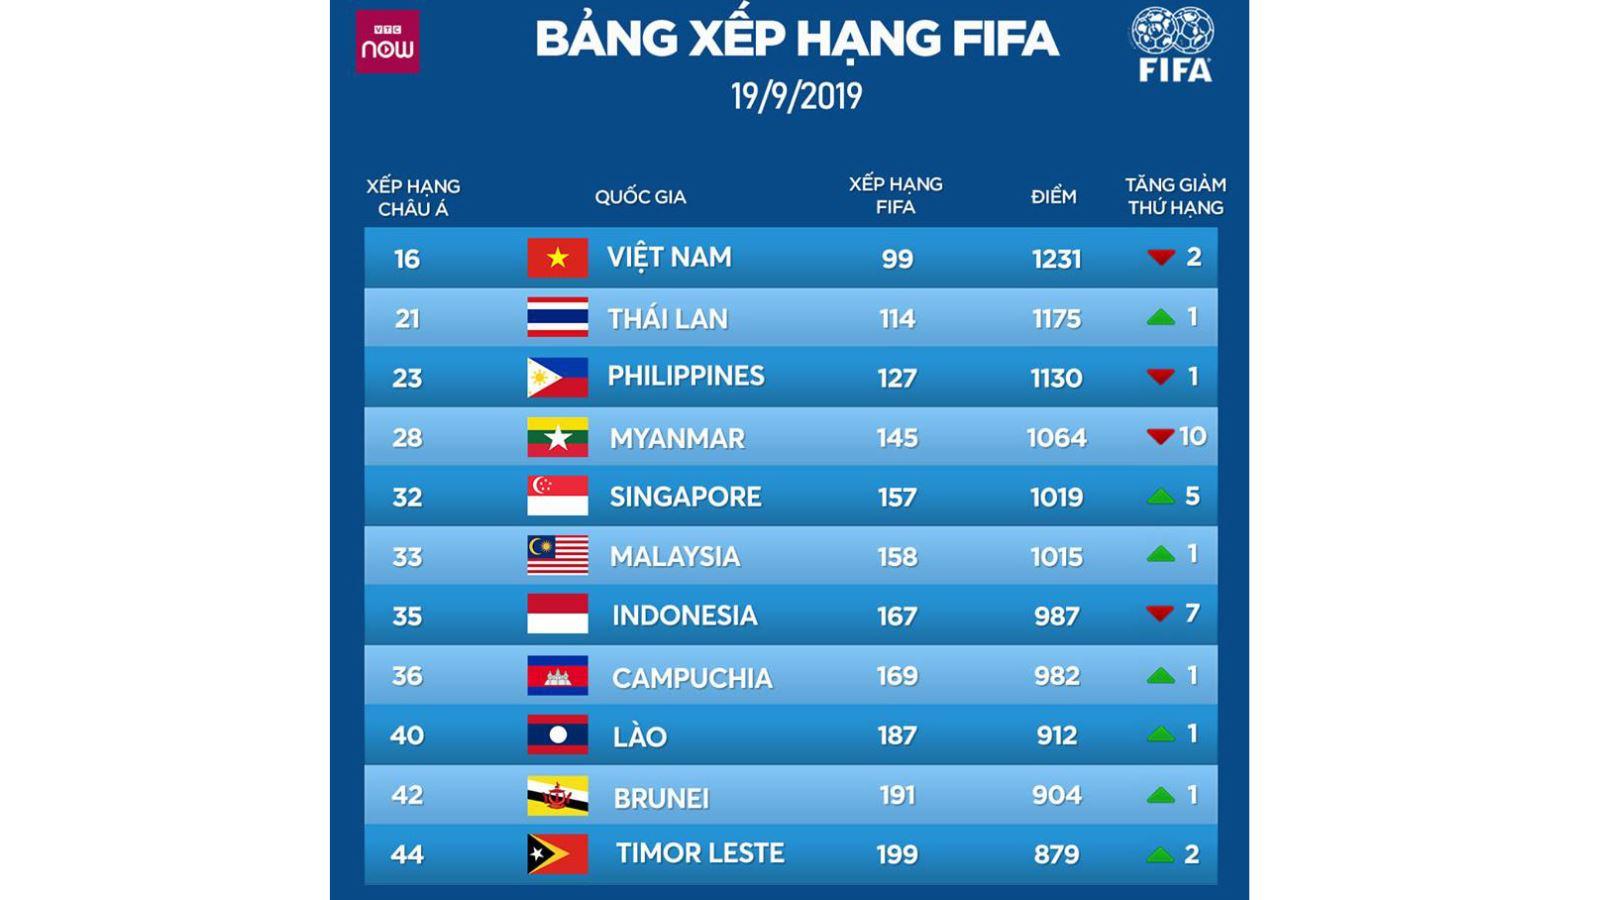 BXH FIFA, tuyển việt nam, việt nam, thái lan, Bỉ, bảng xếp hạng FIFA, bóng đá, bong da, ket qua bong da, vòng loại world cup